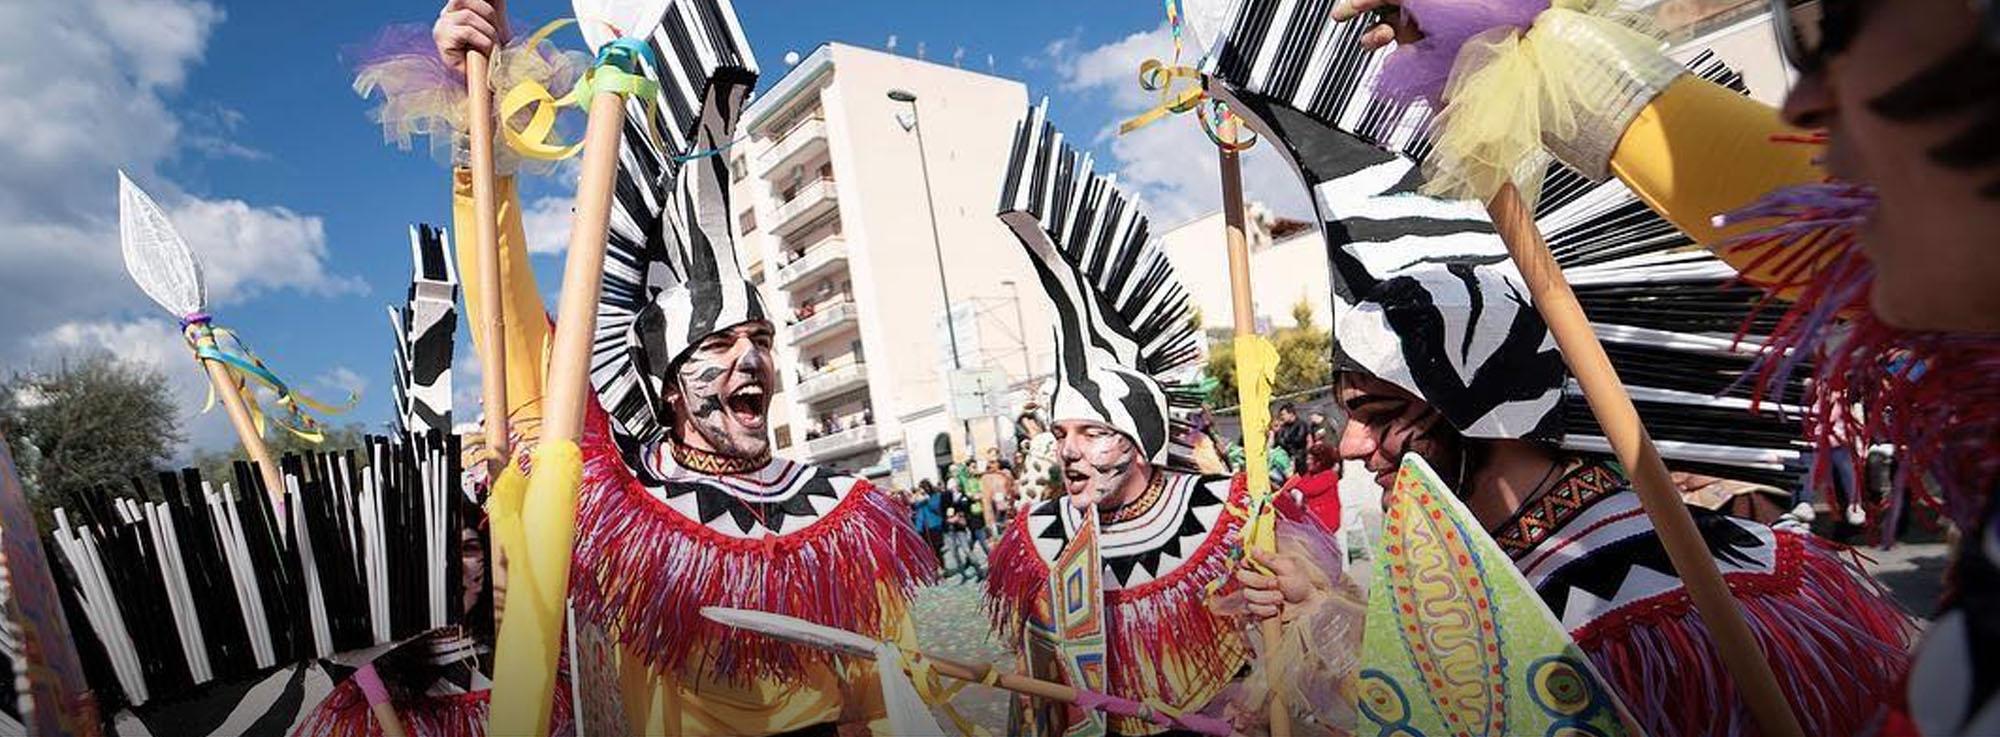 Manfredonia: Carnevale di Manfredonia - 67^ edizione